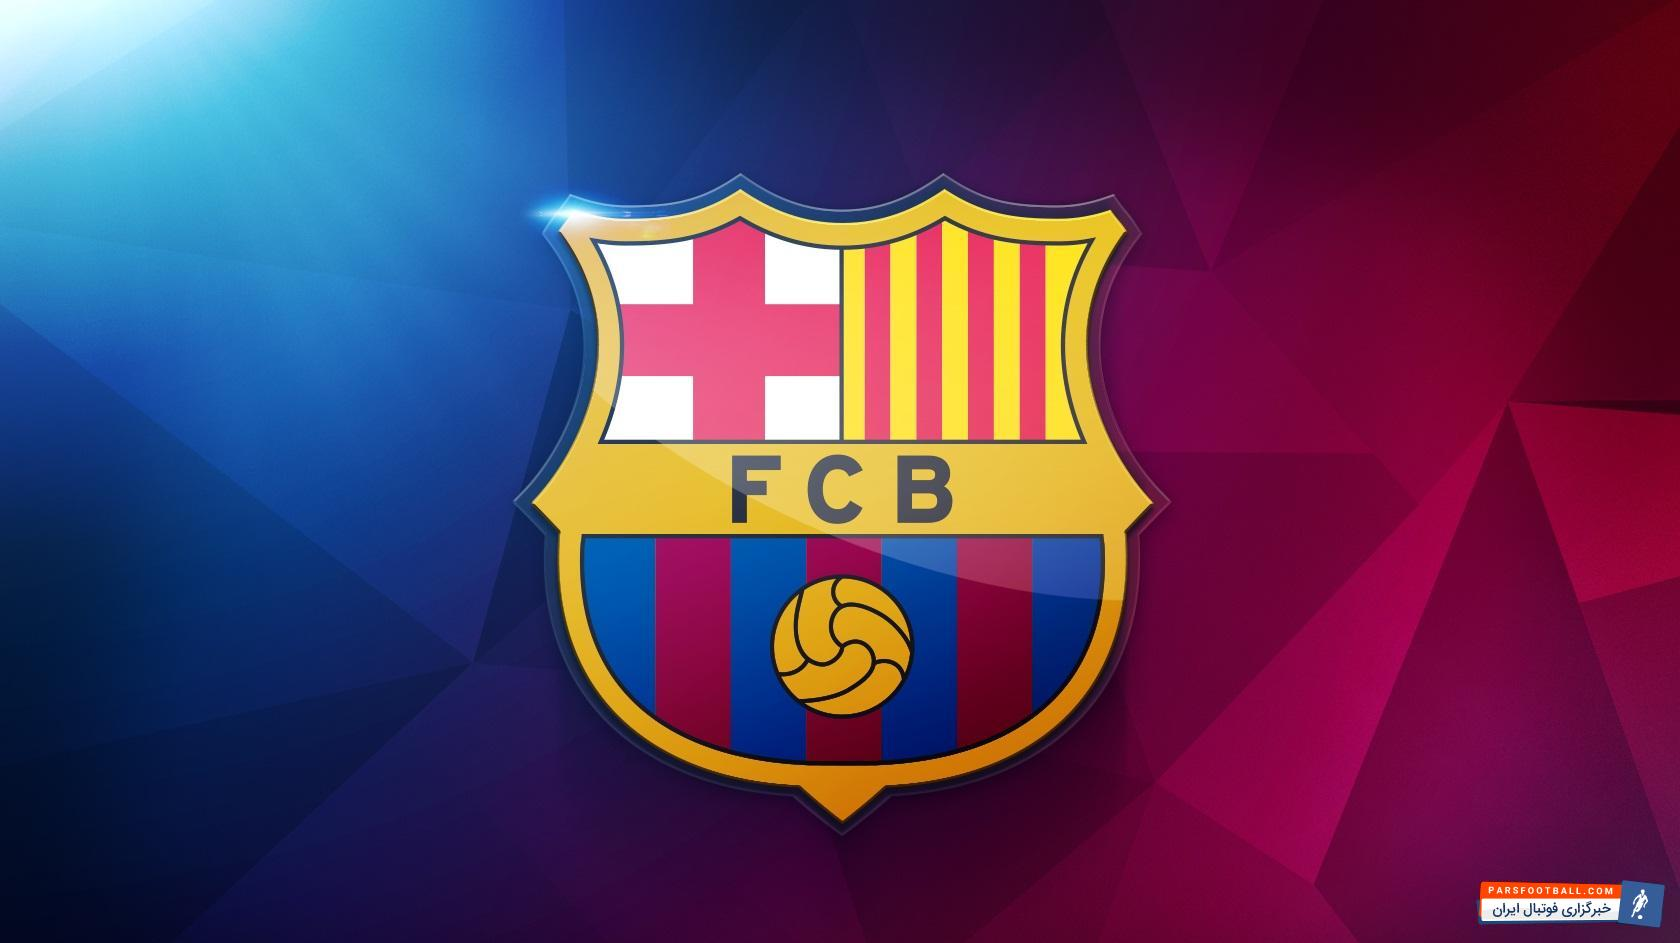 نگاهی به پروژه ساخت بارسلونا با دستان والورده ؛ خبرگزاری پارس فوتبال